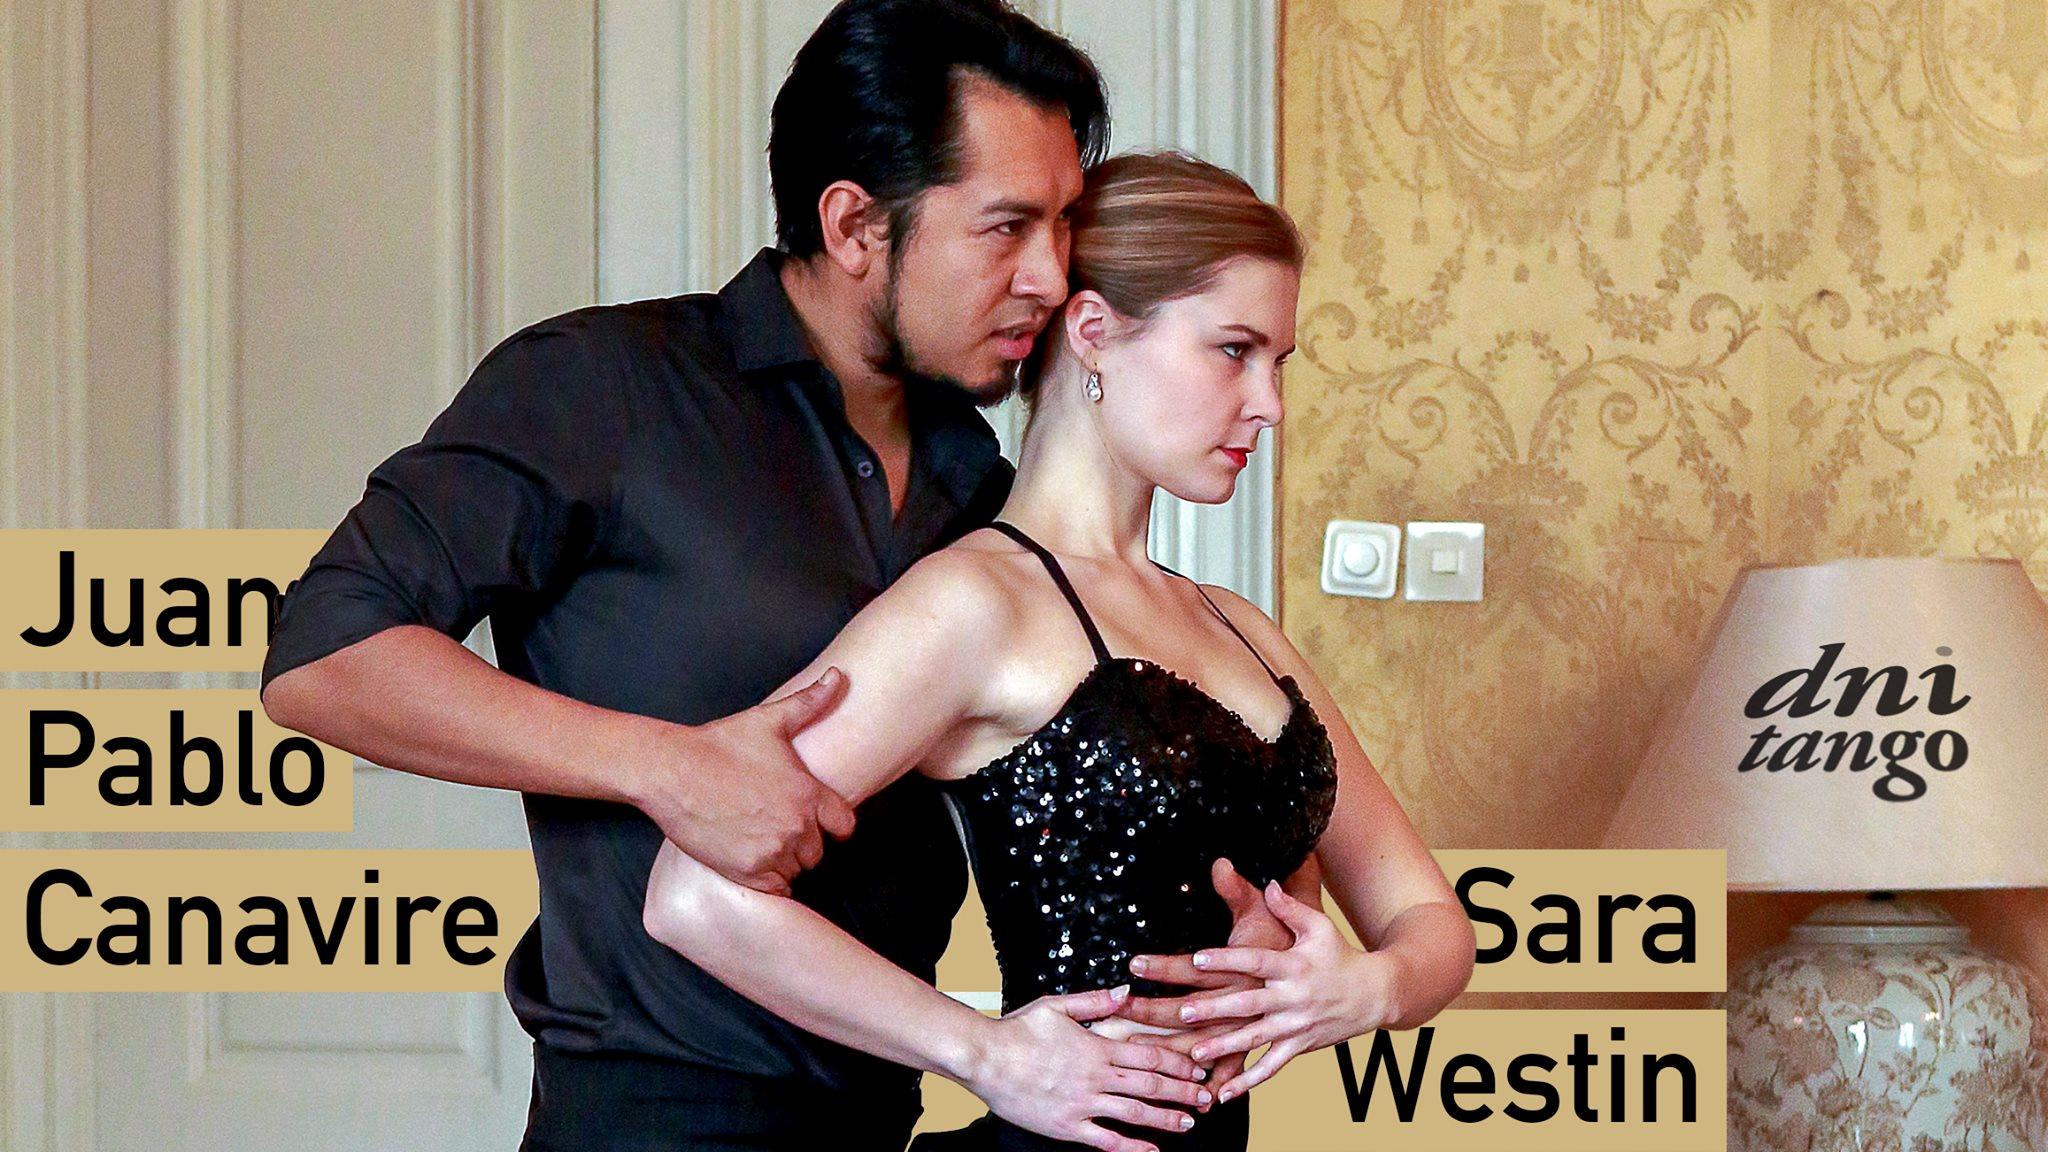 egor skal vi danse norske erotiske filmer